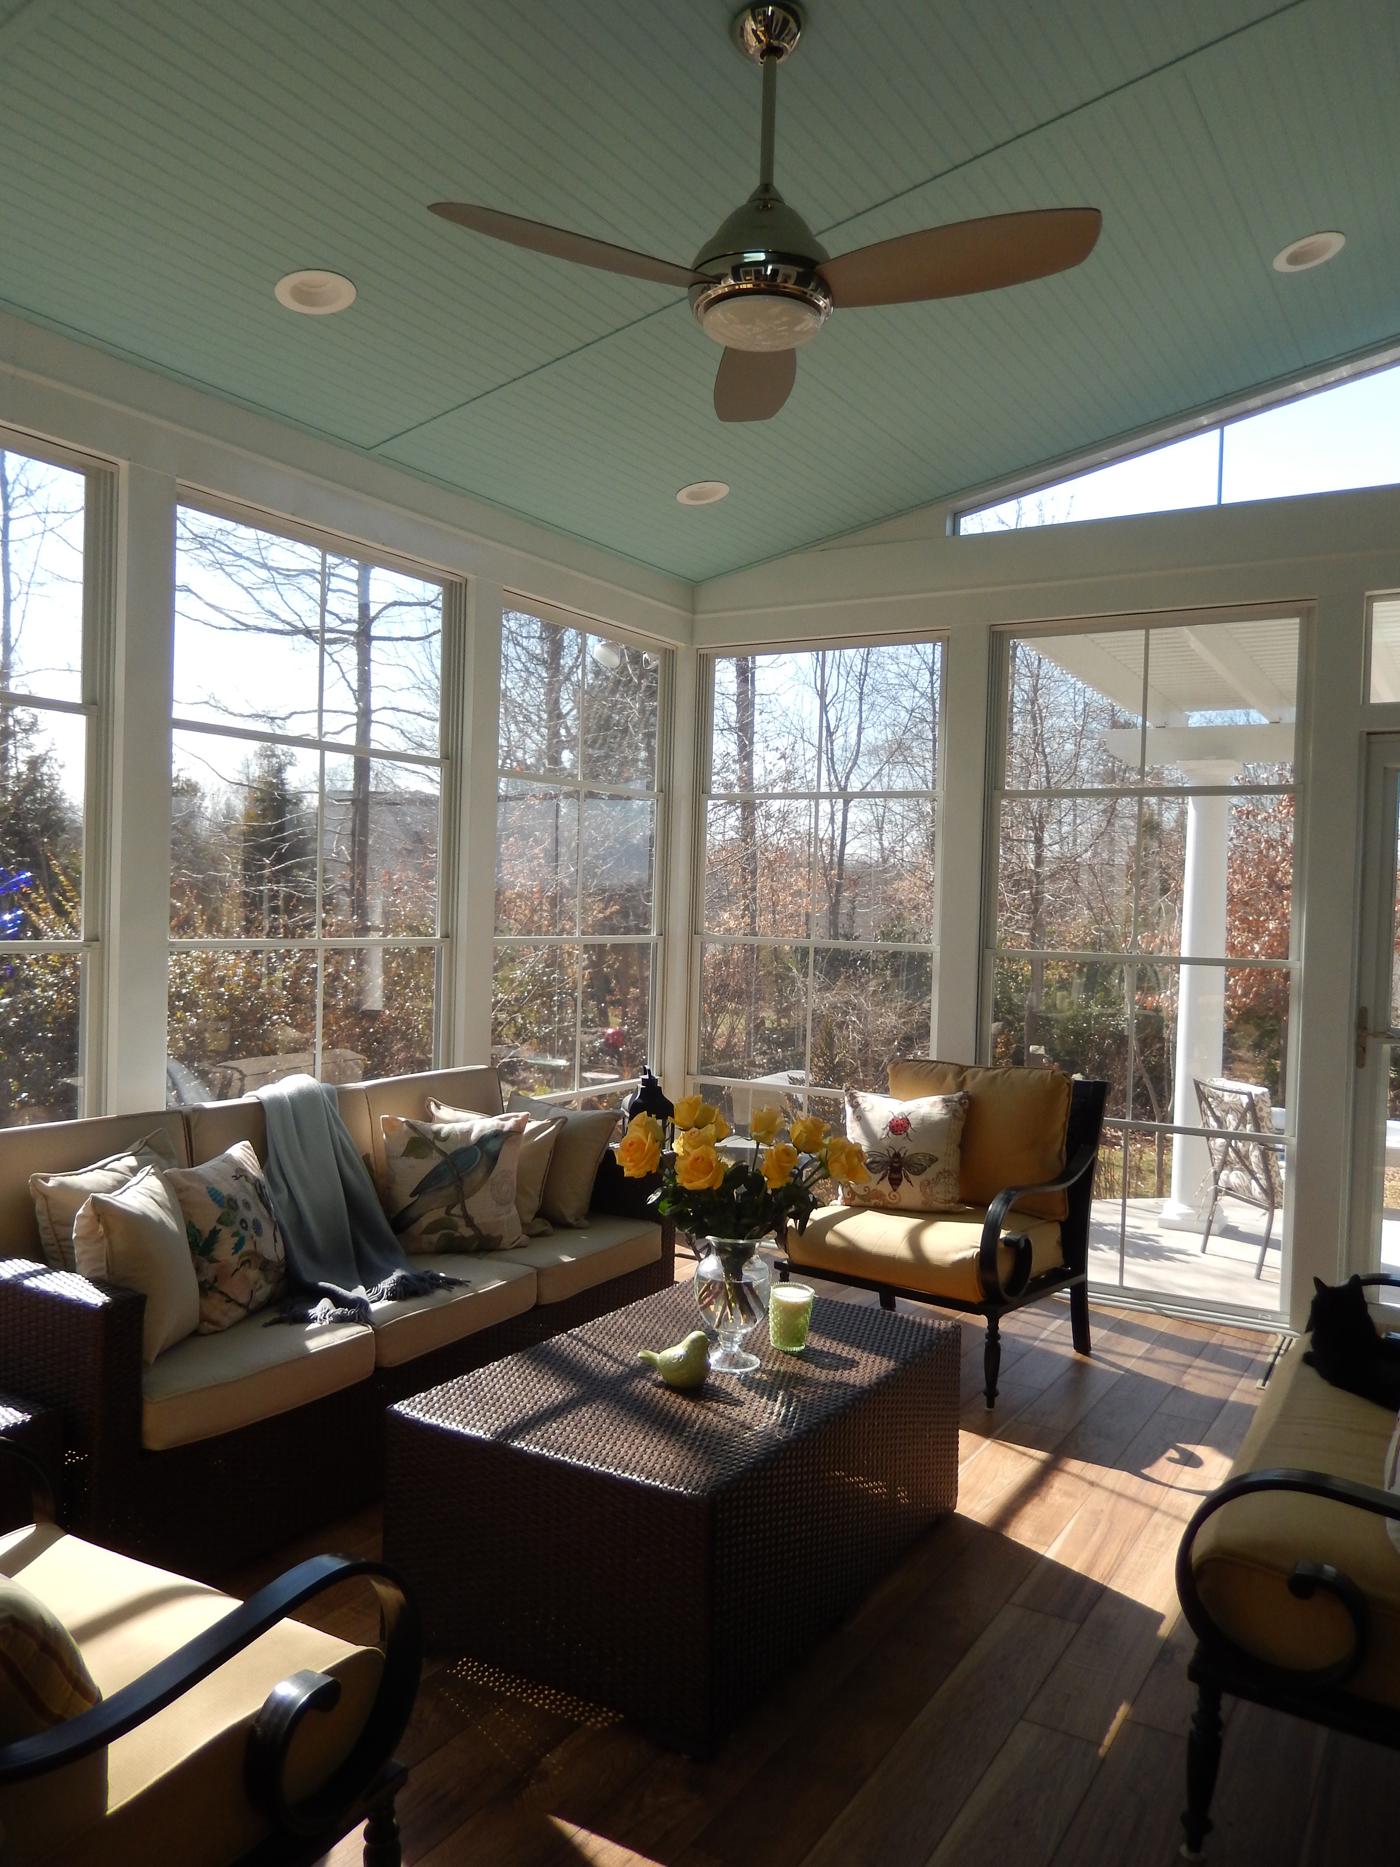 raleigh porch designer. Black Bedroom Furniture Sets. Home Design Ideas